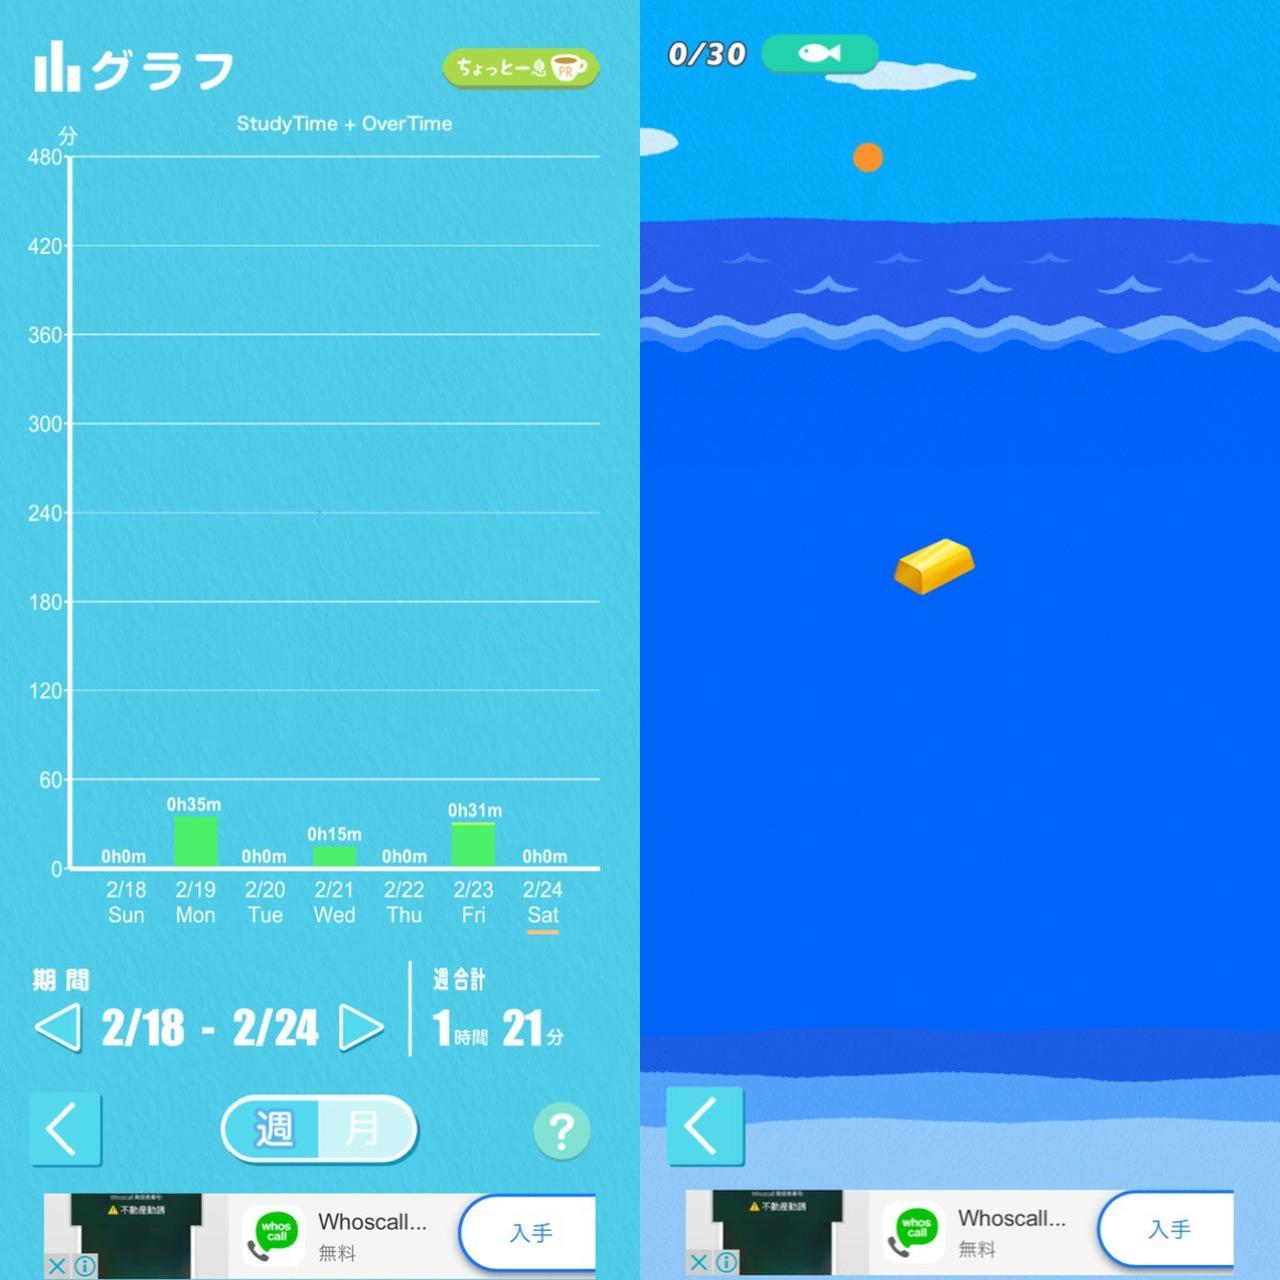 画像: グラフで毎日の集中時間を確認してモチベーションUP!育てた魚は広い海にどんどん増えていきます